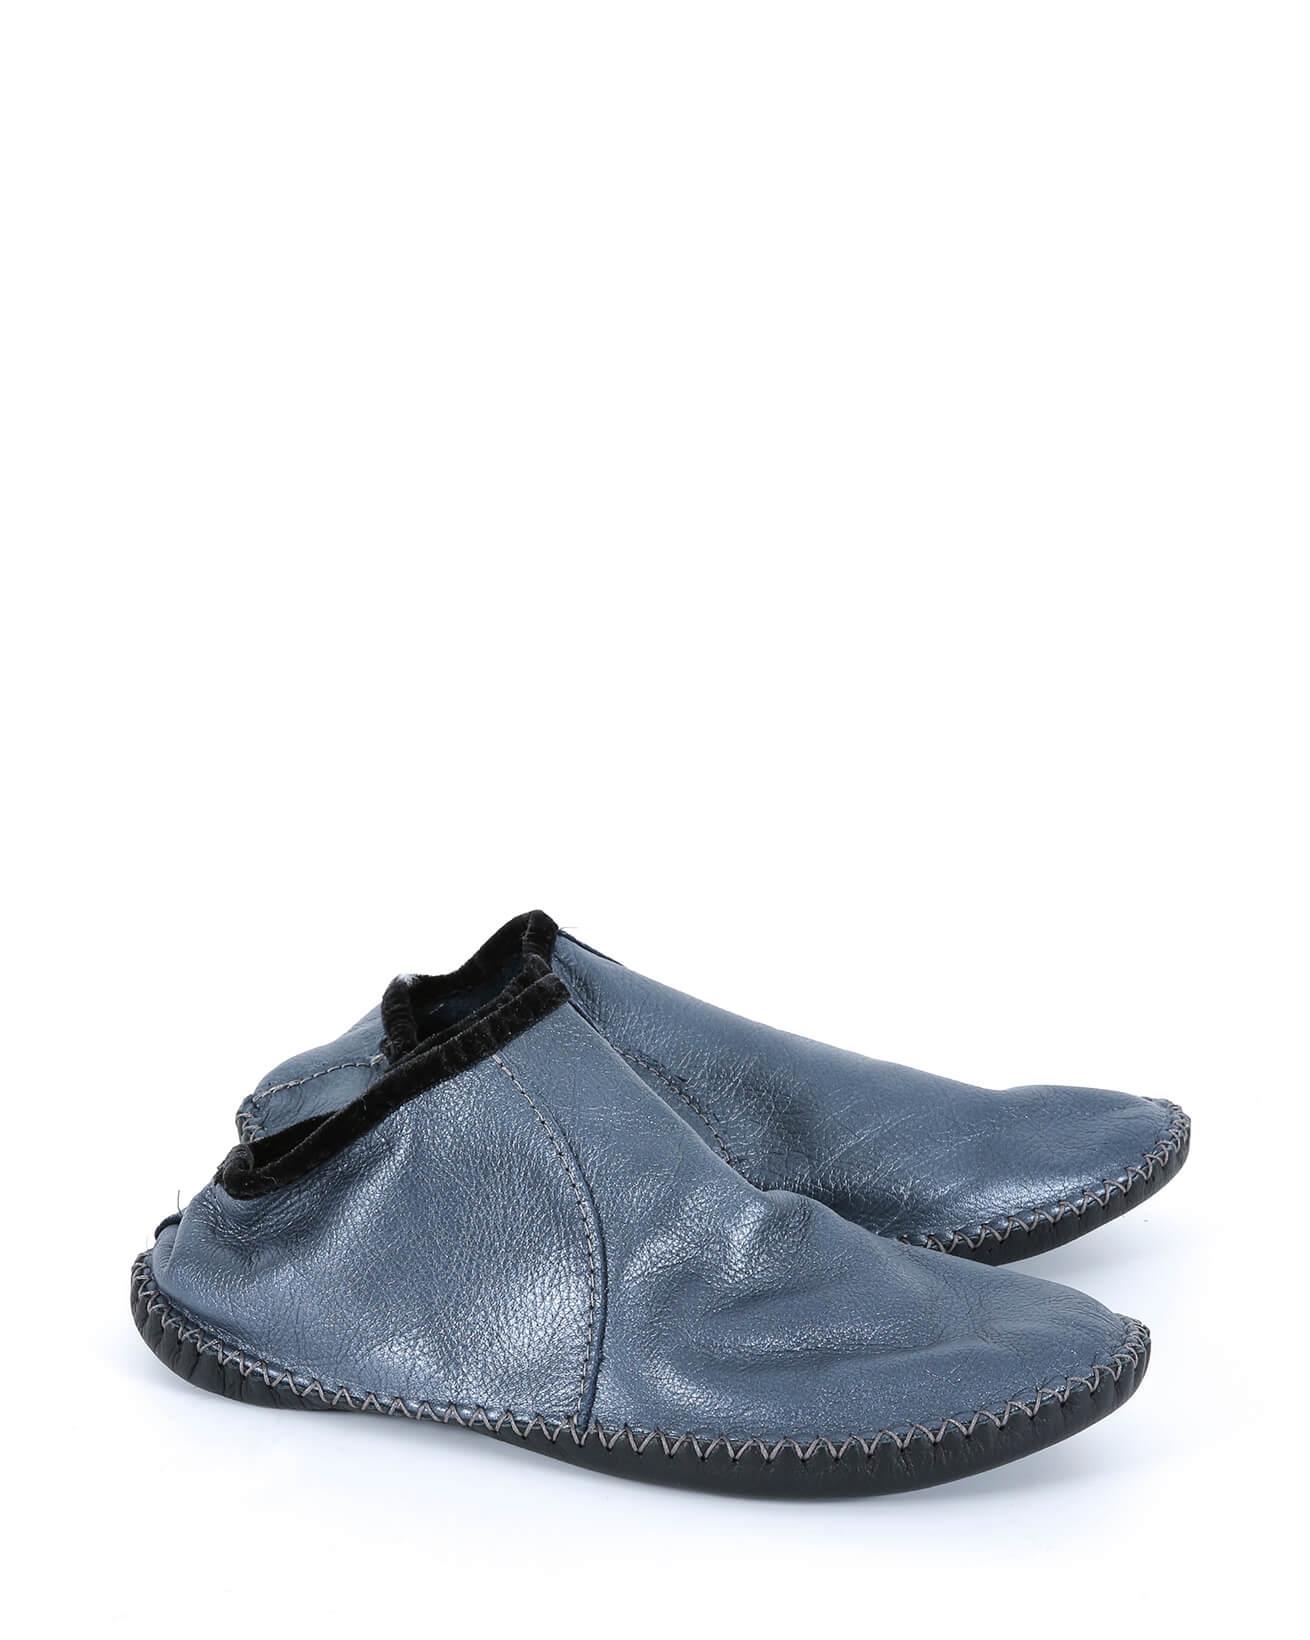 Leather Baboushka - Size 6 - Pearlised Blue - 574